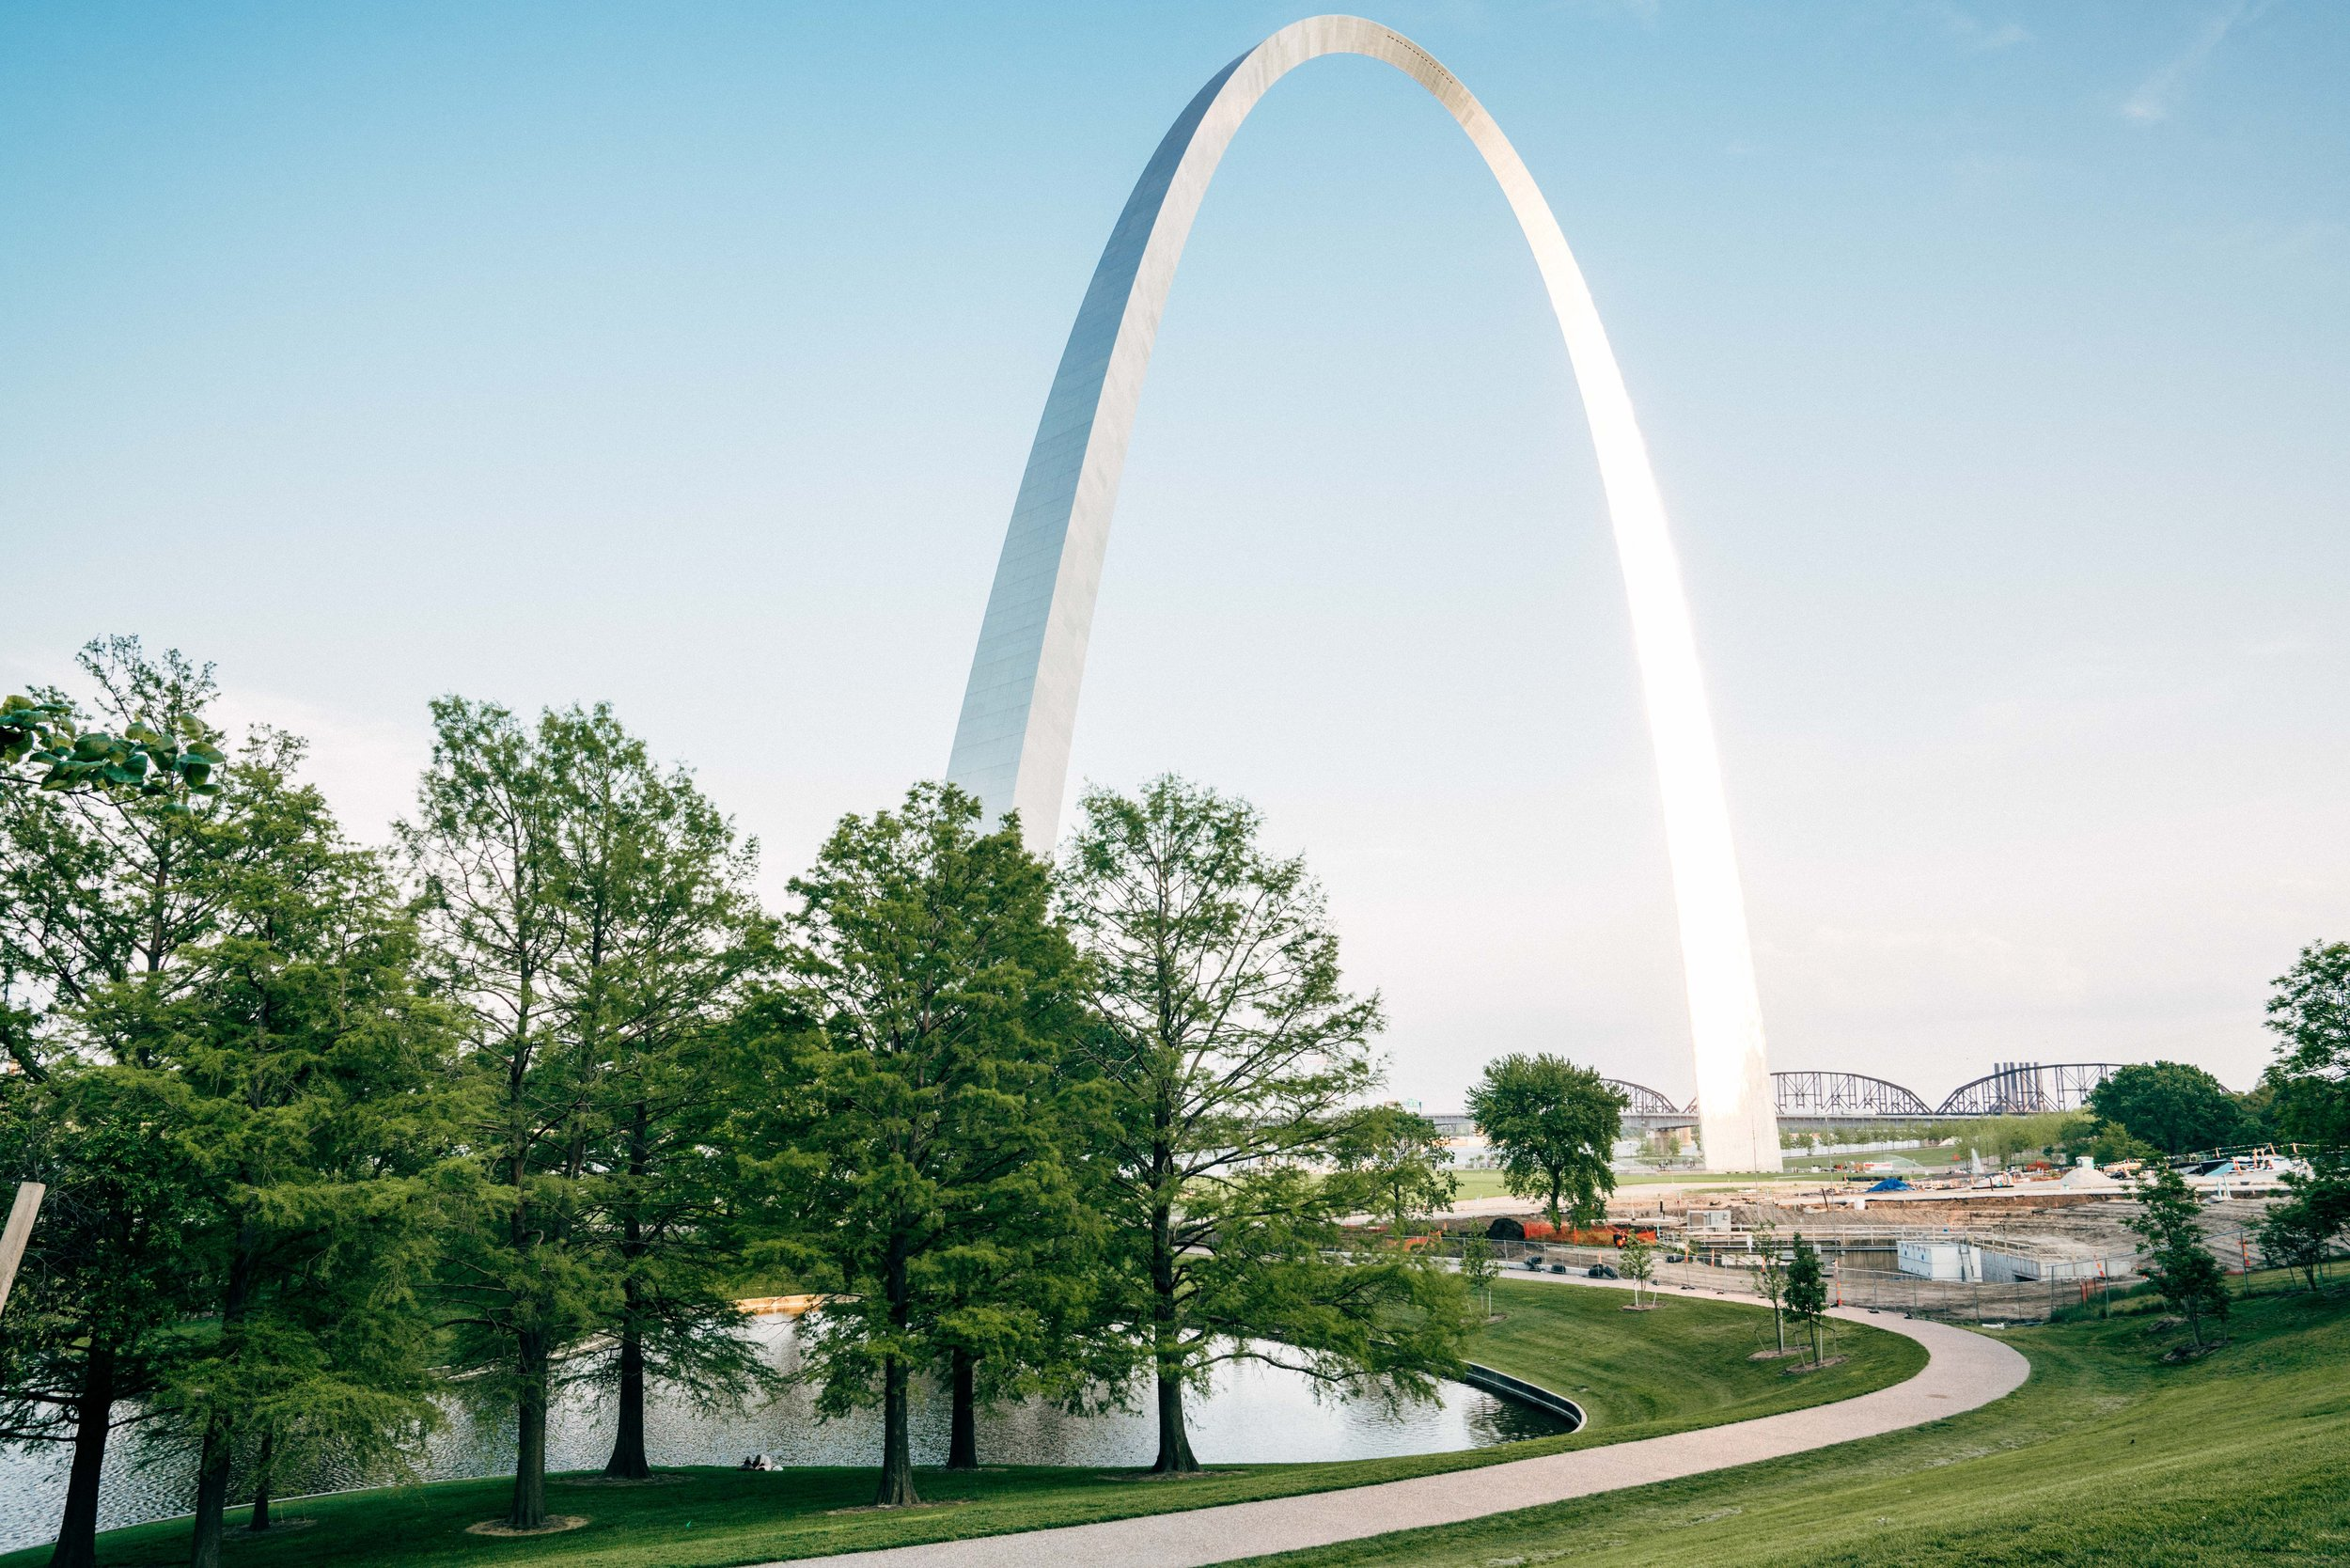 St. Louis Gateway Arch National Park Construction